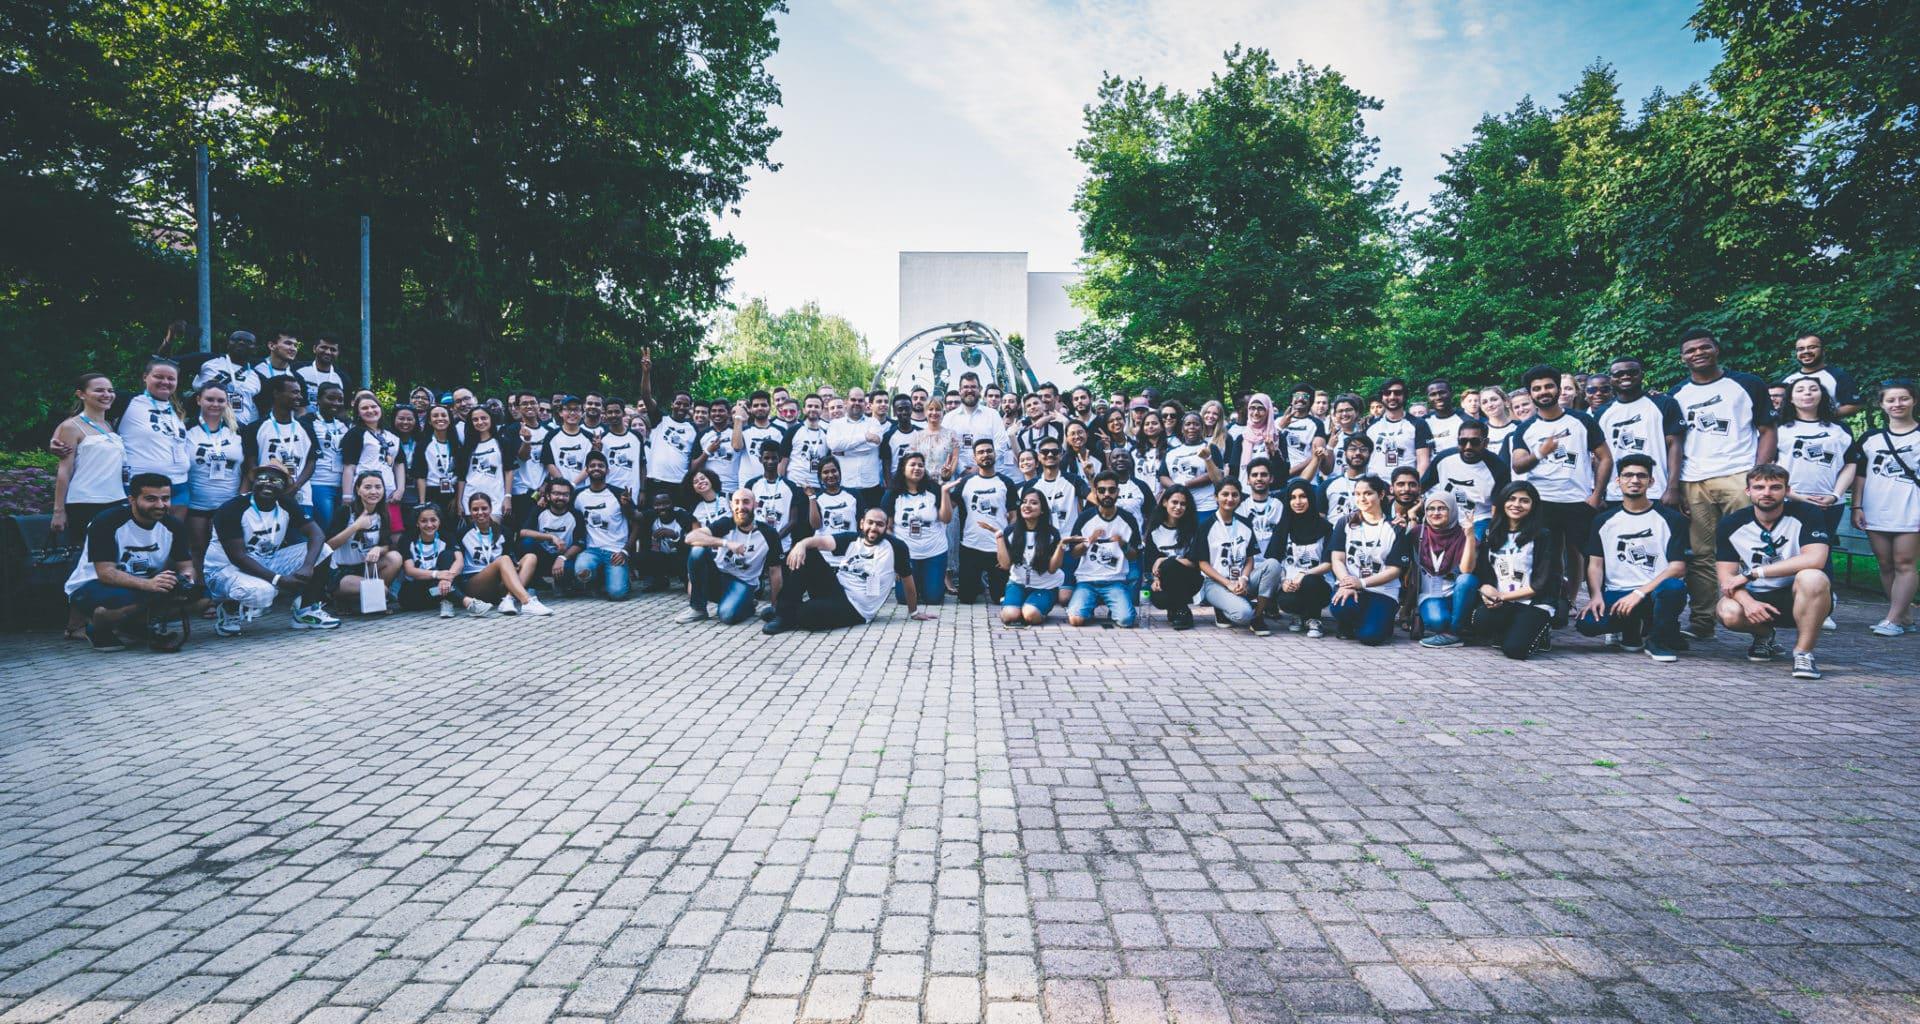 Stipendium Hungaricum Mentor Network